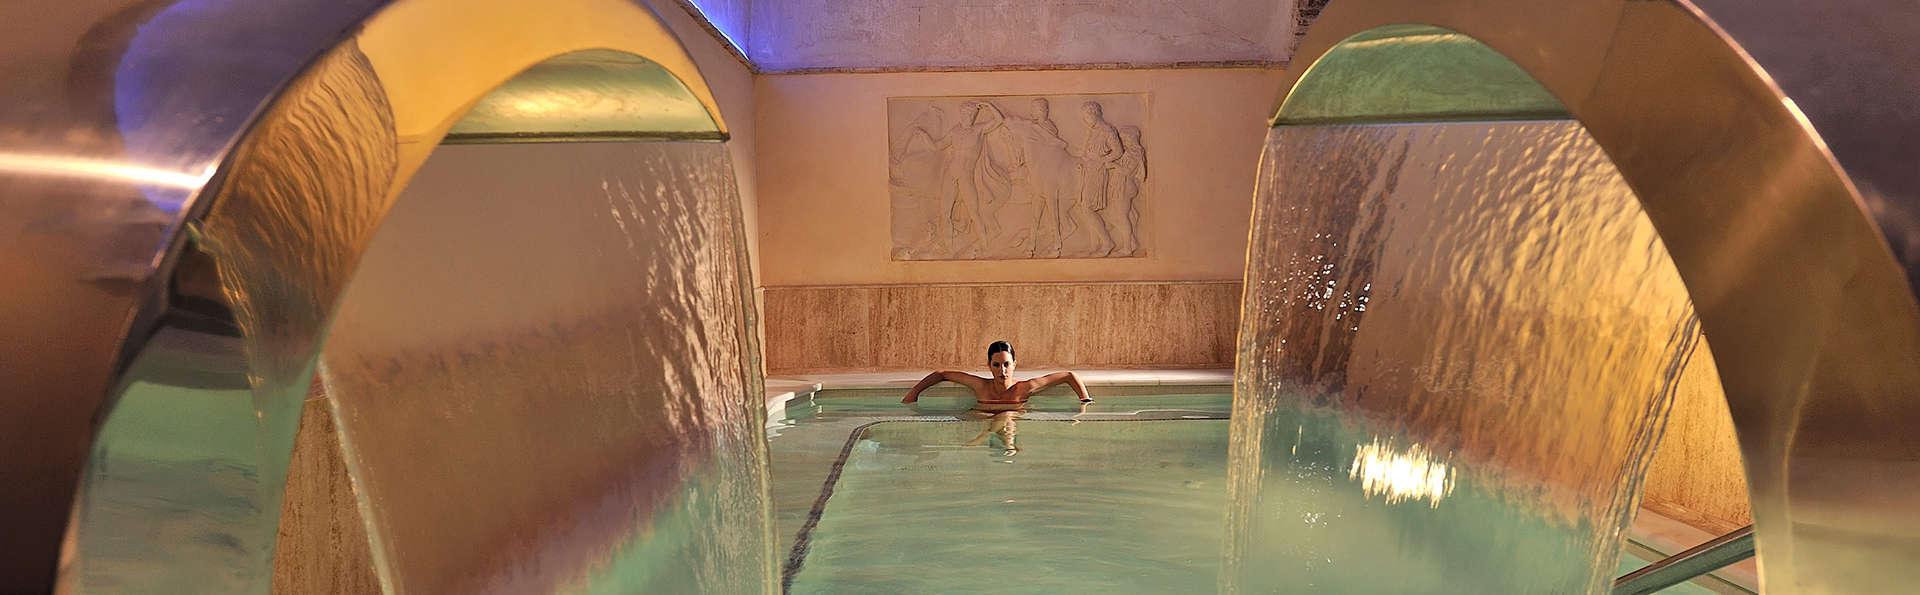 Escapada Relax en media pensión y acceso piscinas termales en Fortuna